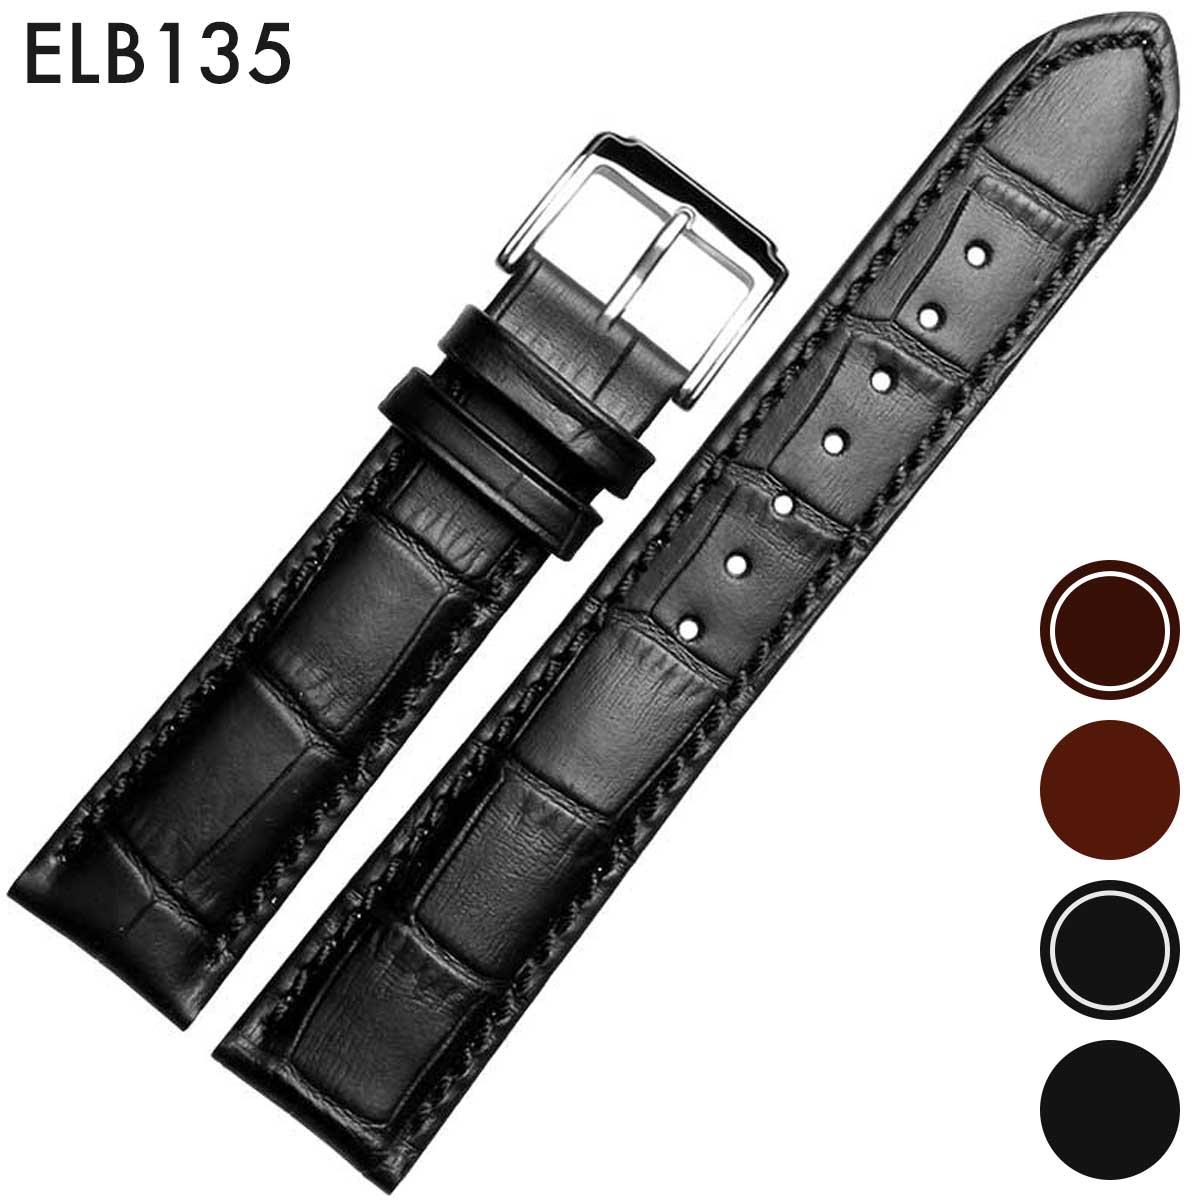 腕時計用アクセサリー, 腕時計用ベルト・バンド  18mm19mm20mm21mm22mm : LONGINES () Eight - ELB135